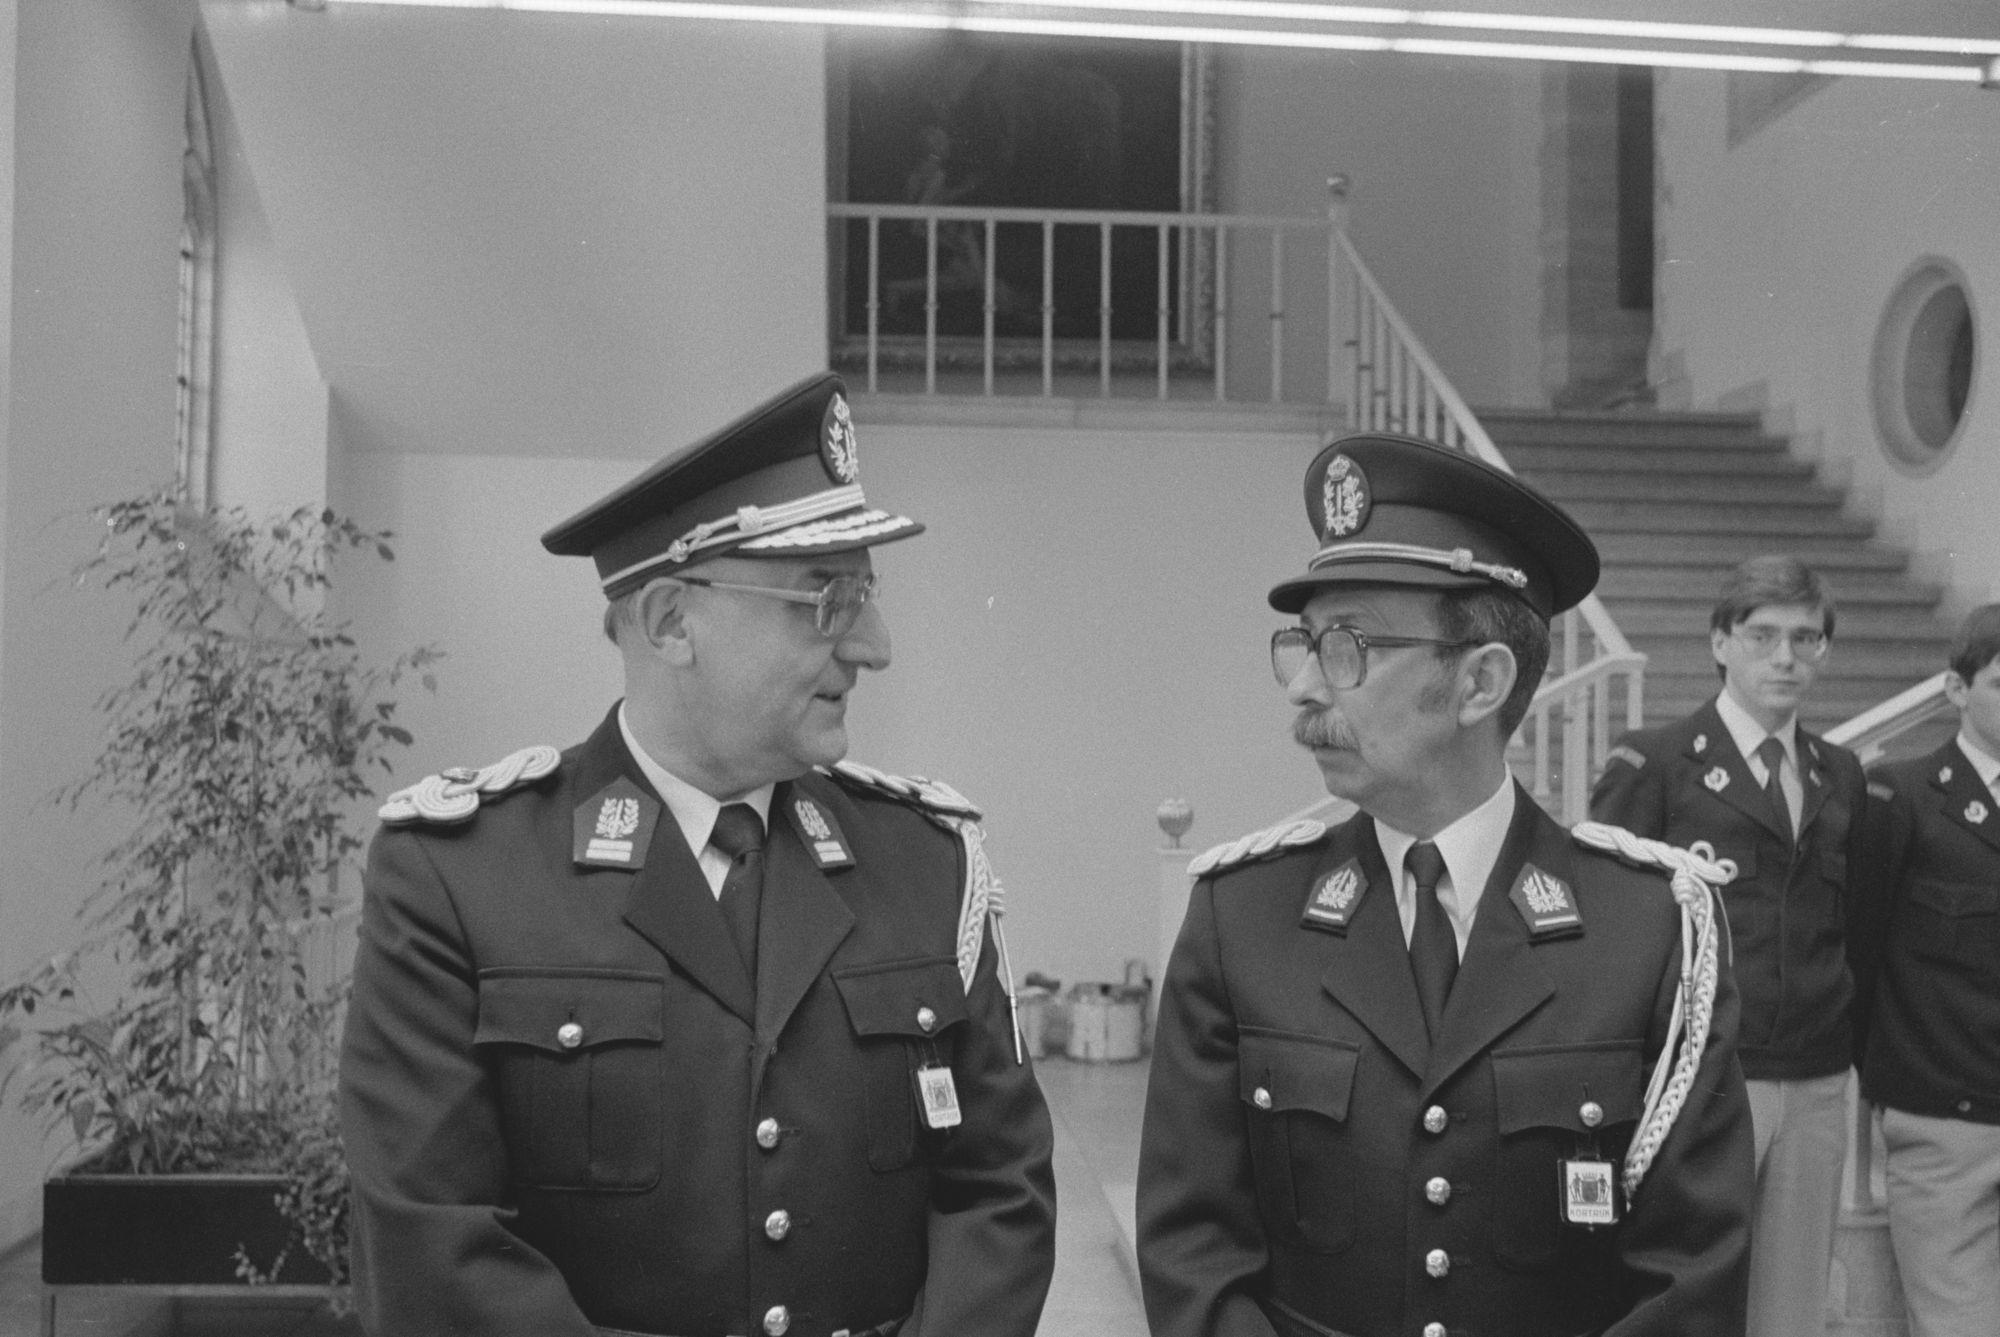 Eervolle onderscheidingen van de politie